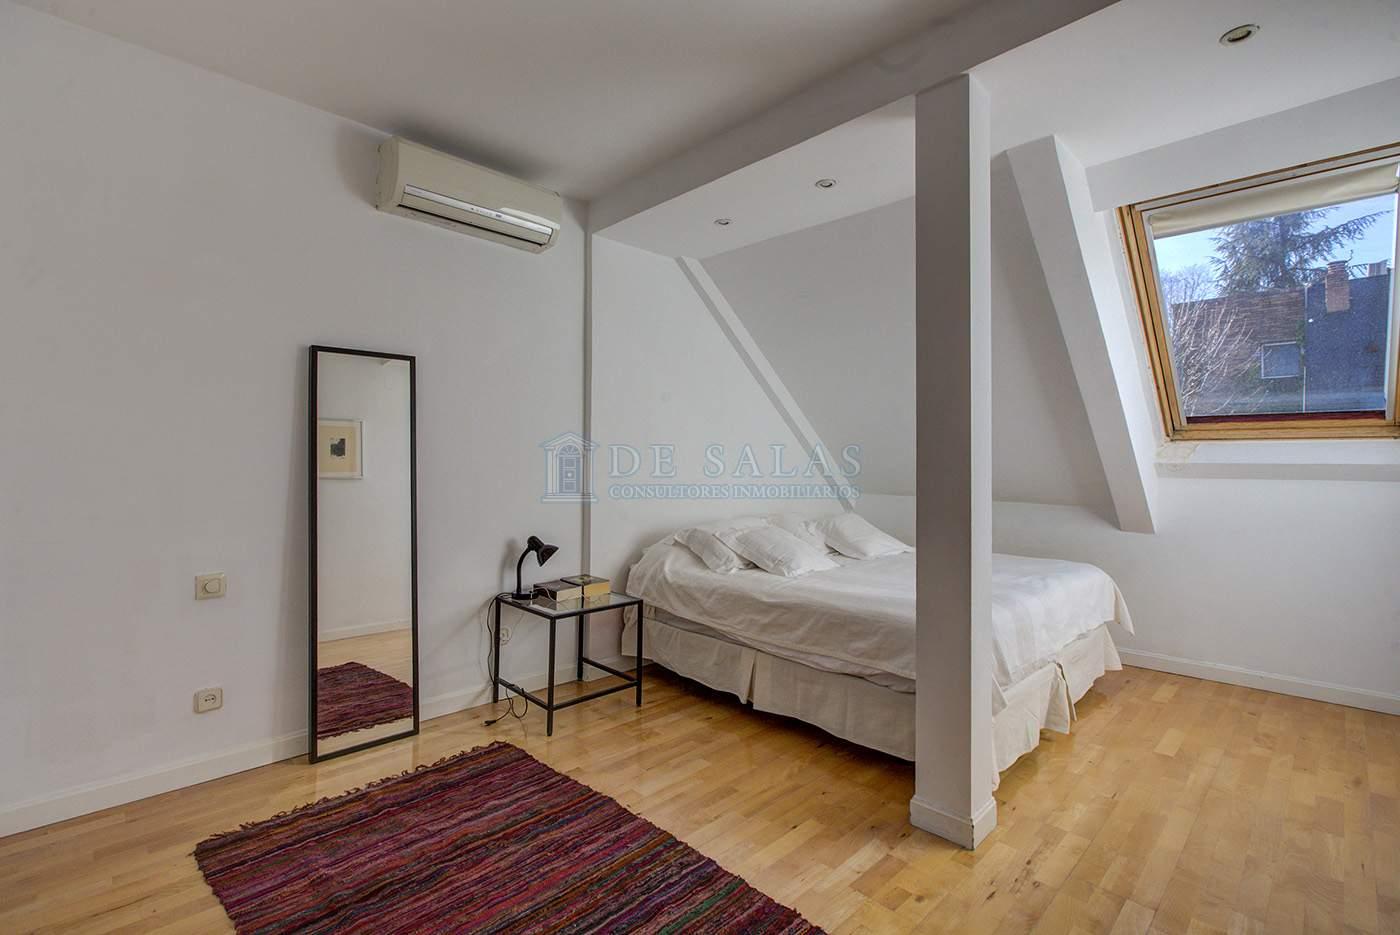 Dormitorio-IMG_9849_50_51 copia